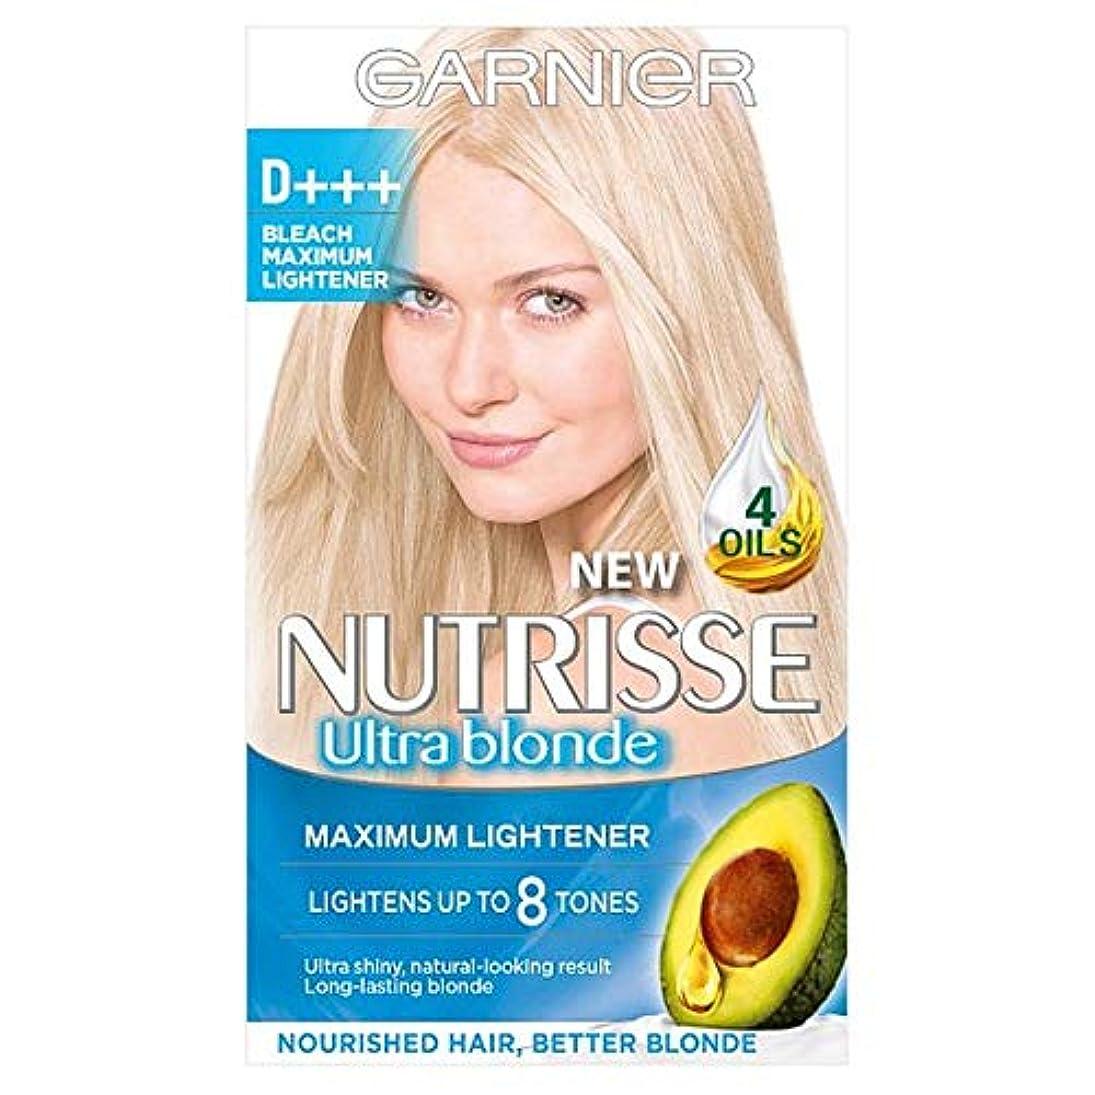 会議ブレイズ勤勉な[Garnier] ガルニエNutrisse D +++ Blchライトナーパーマネントヘアダイ - Garnier Nutrisse D+++ Blch Lightener Permanent Hair Dye [並行輸入品]